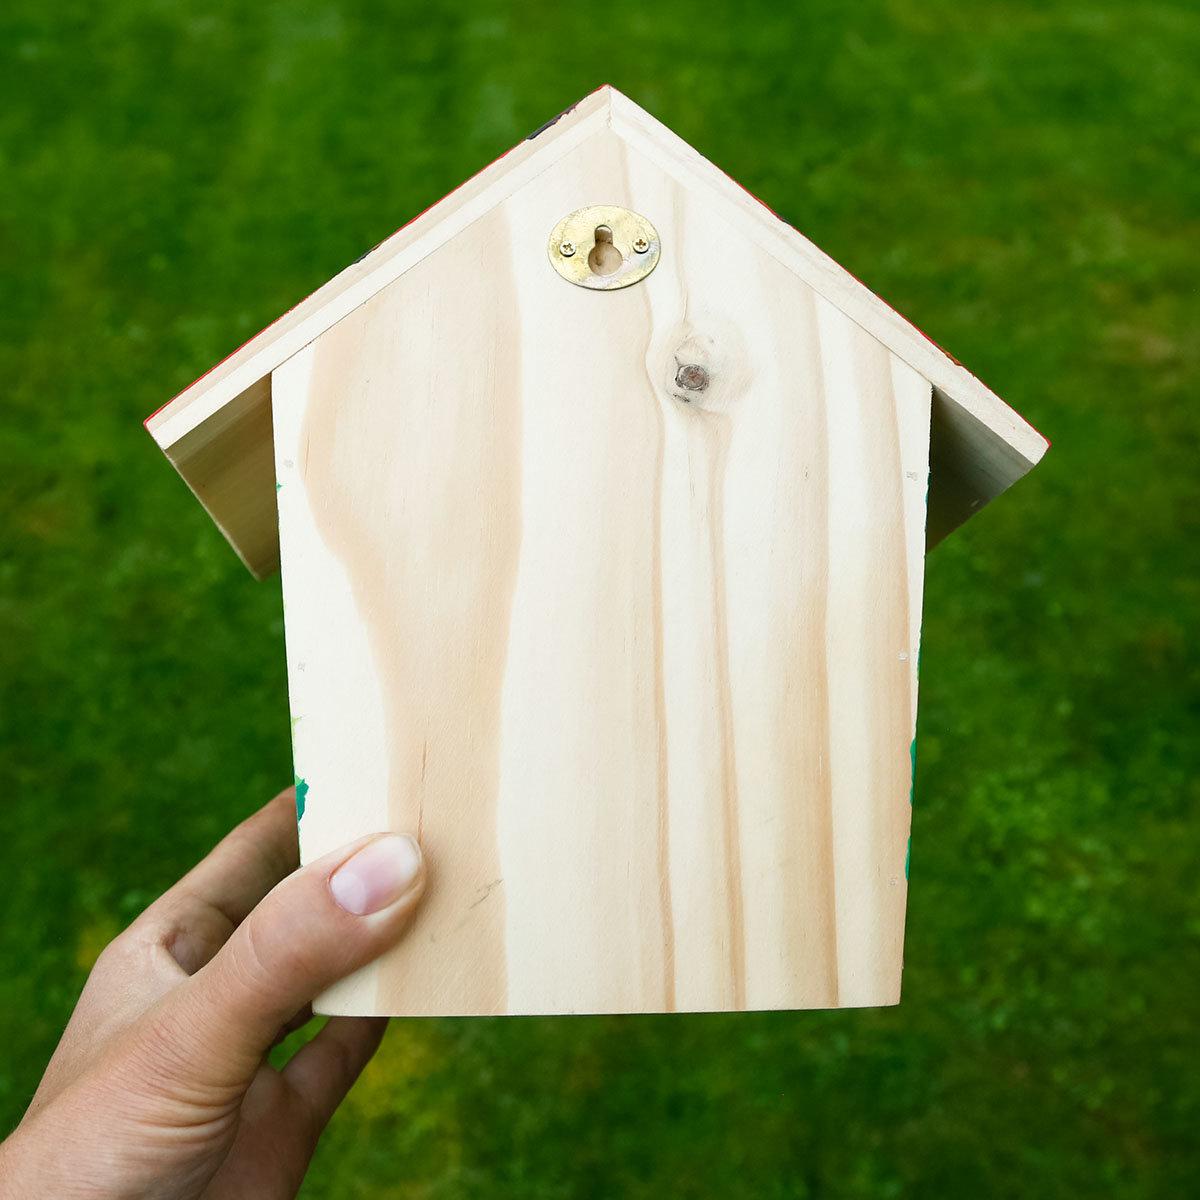 Vogelhaus zum Bemalen | #5